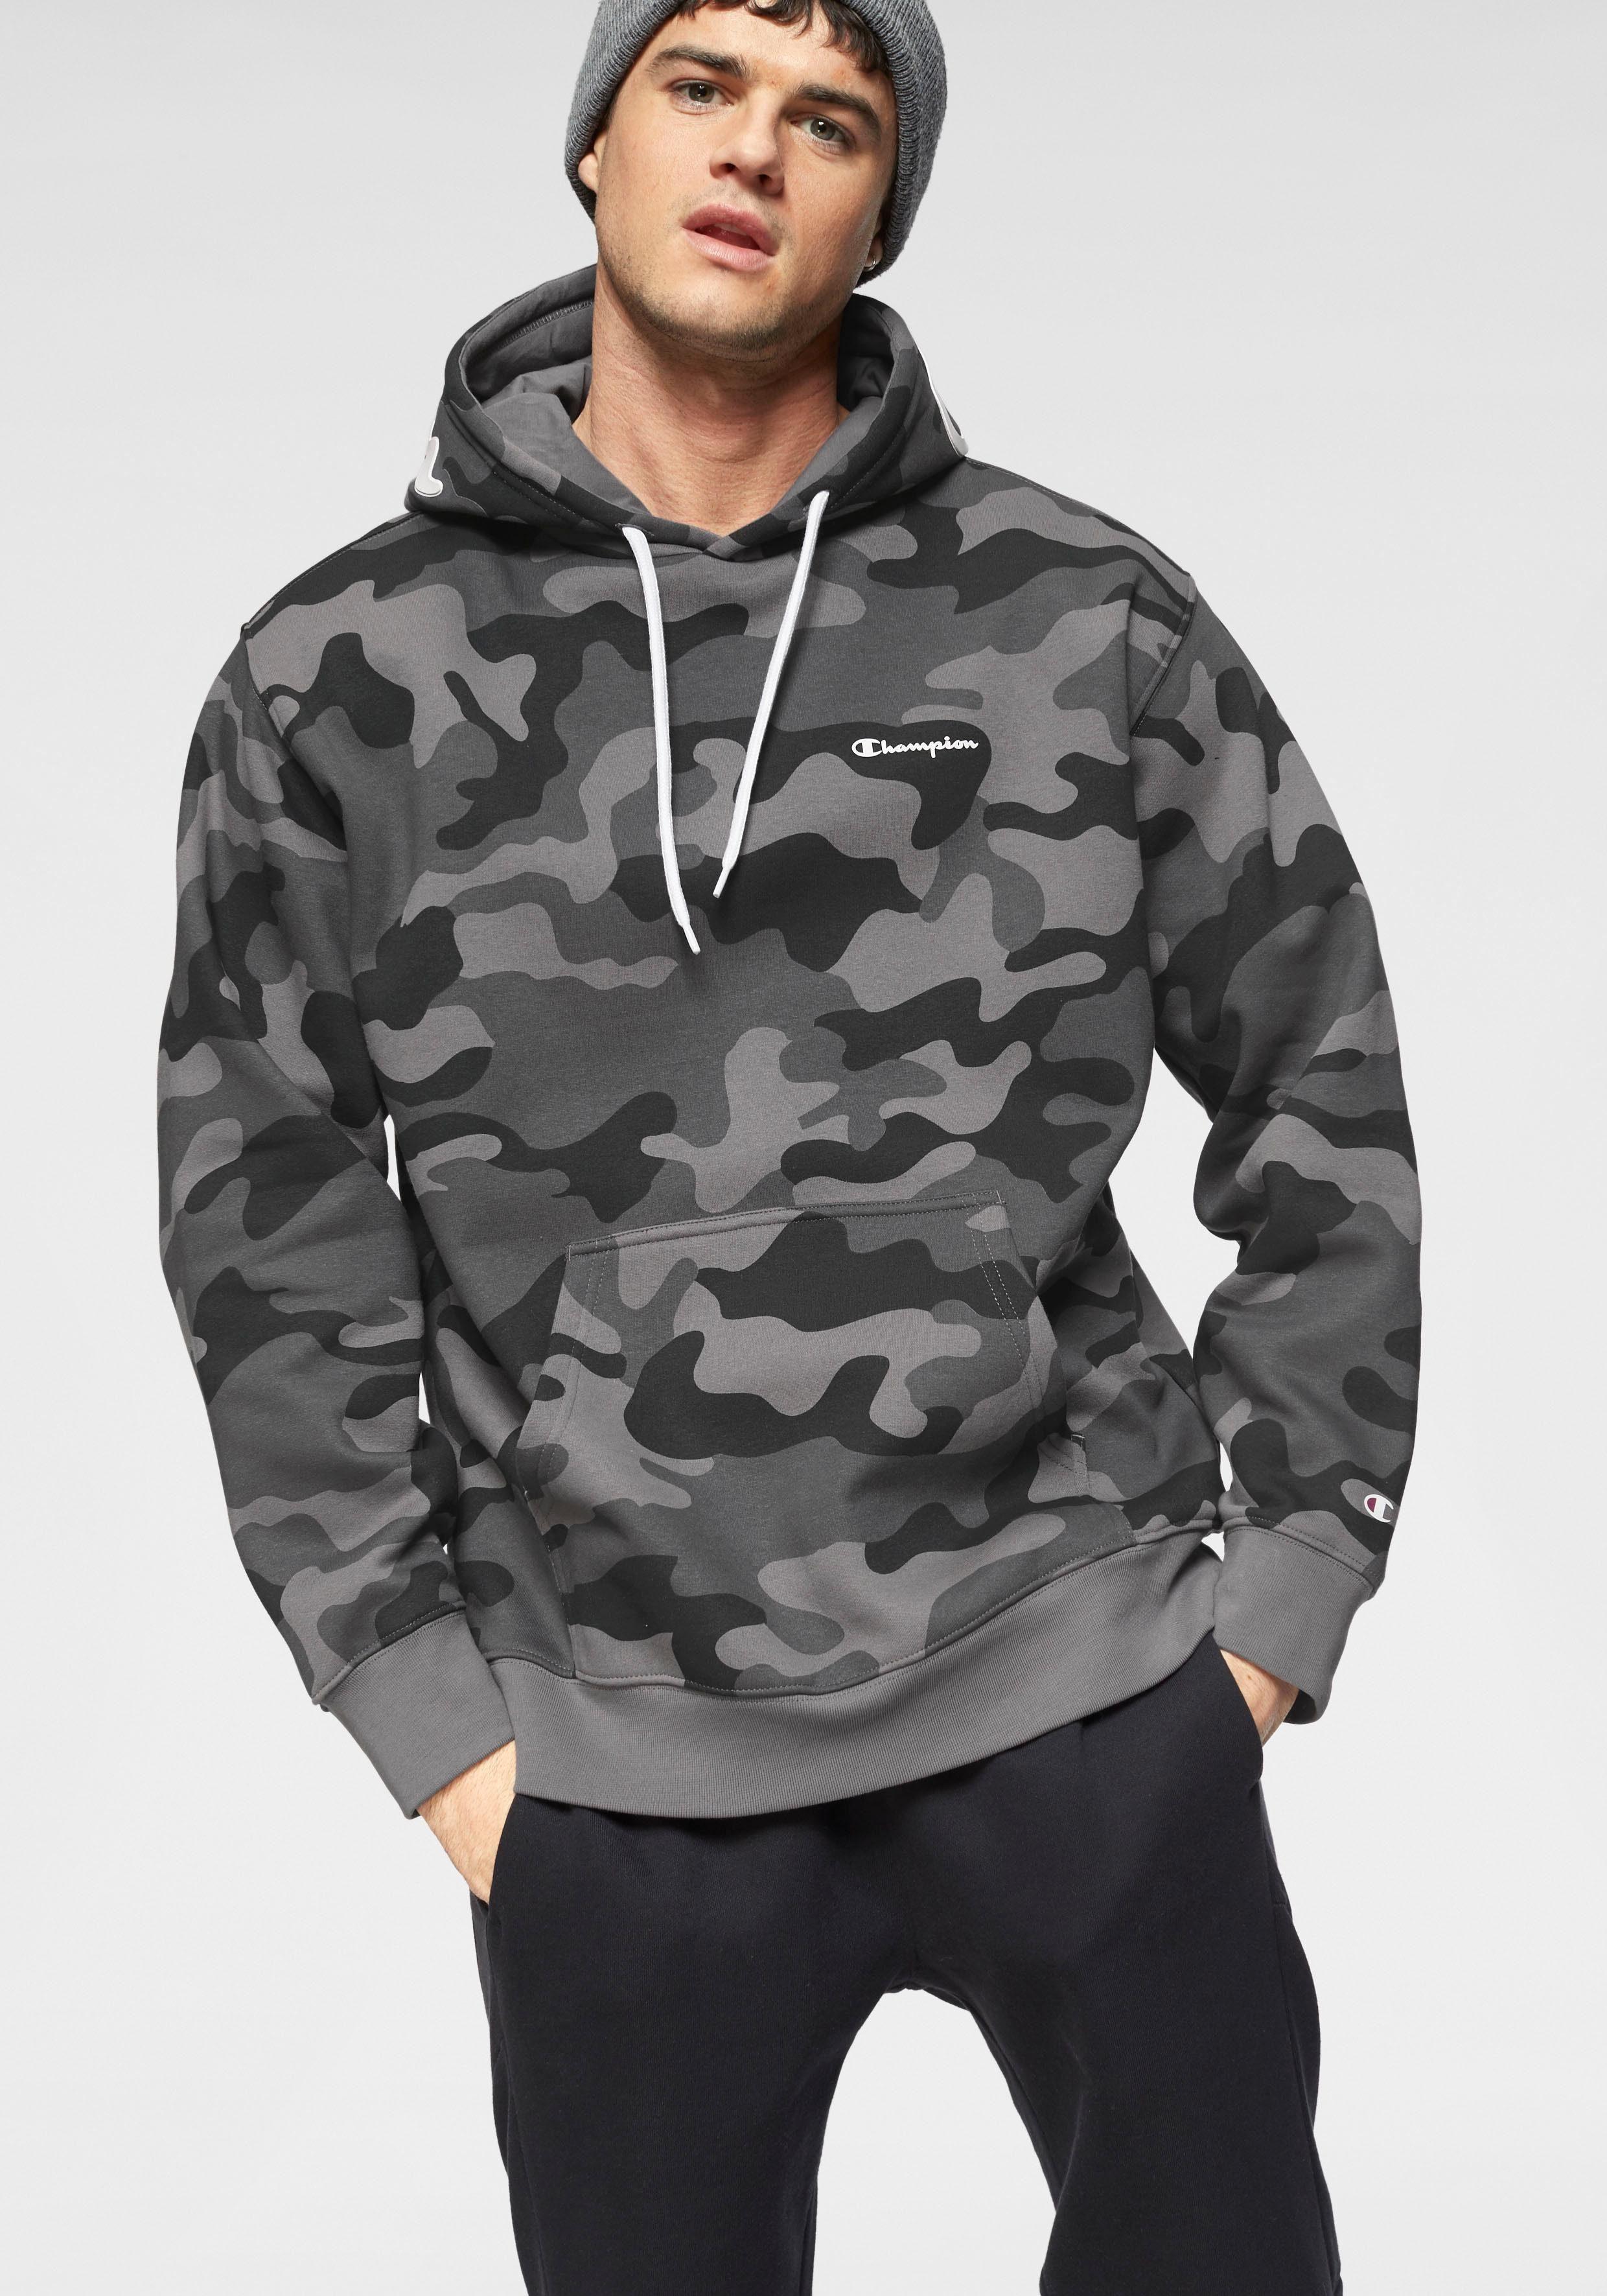 Champion Kapuzensweatshirt, Logodruck und All Over Print online kaufen | OTTO